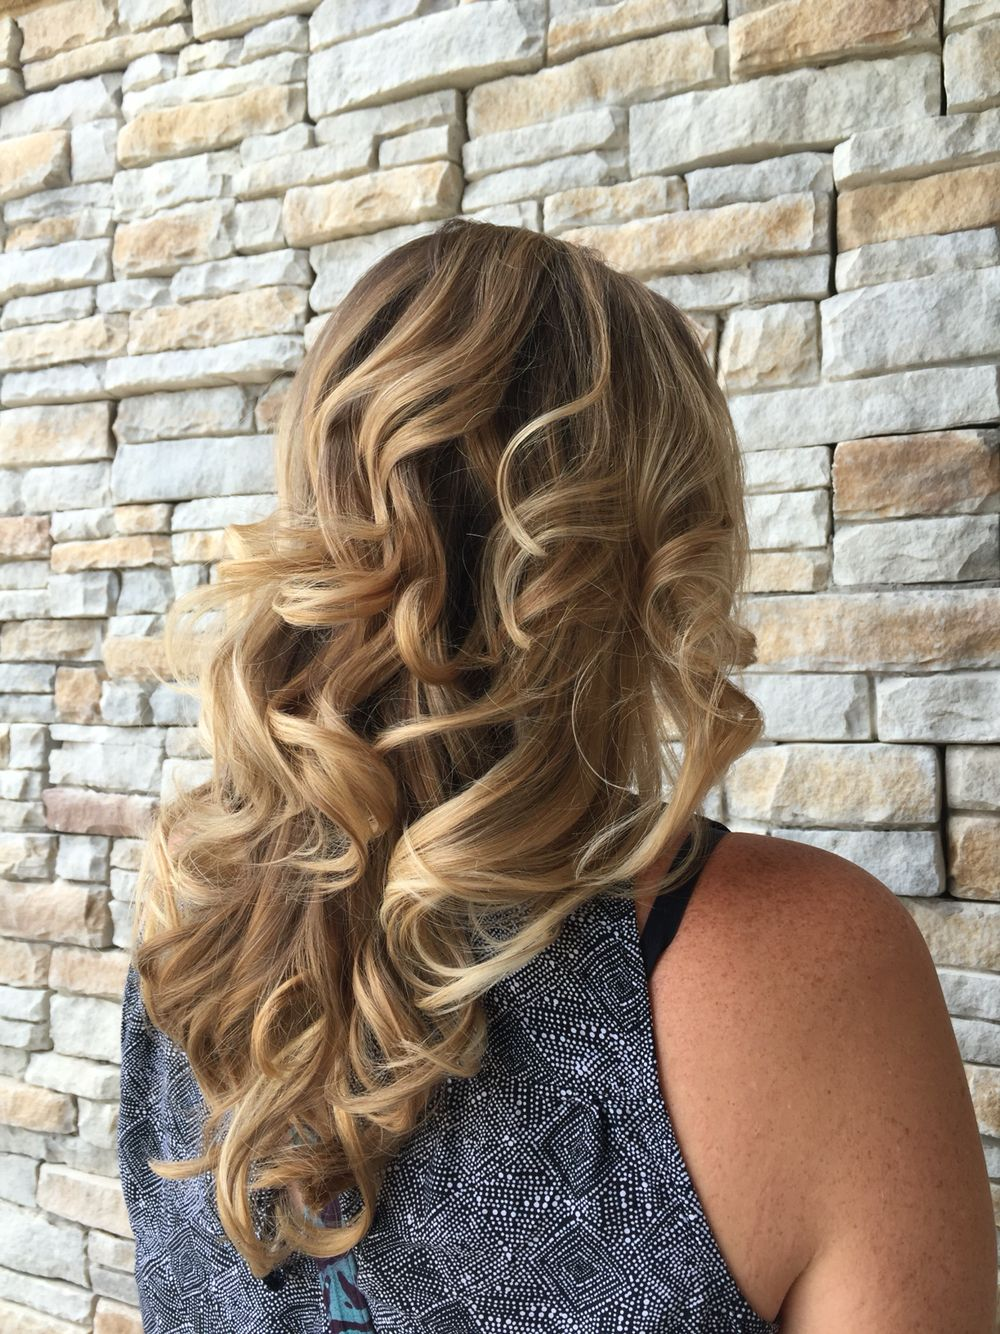 #hairbyamandadupnik #balayage #balyage #blonde